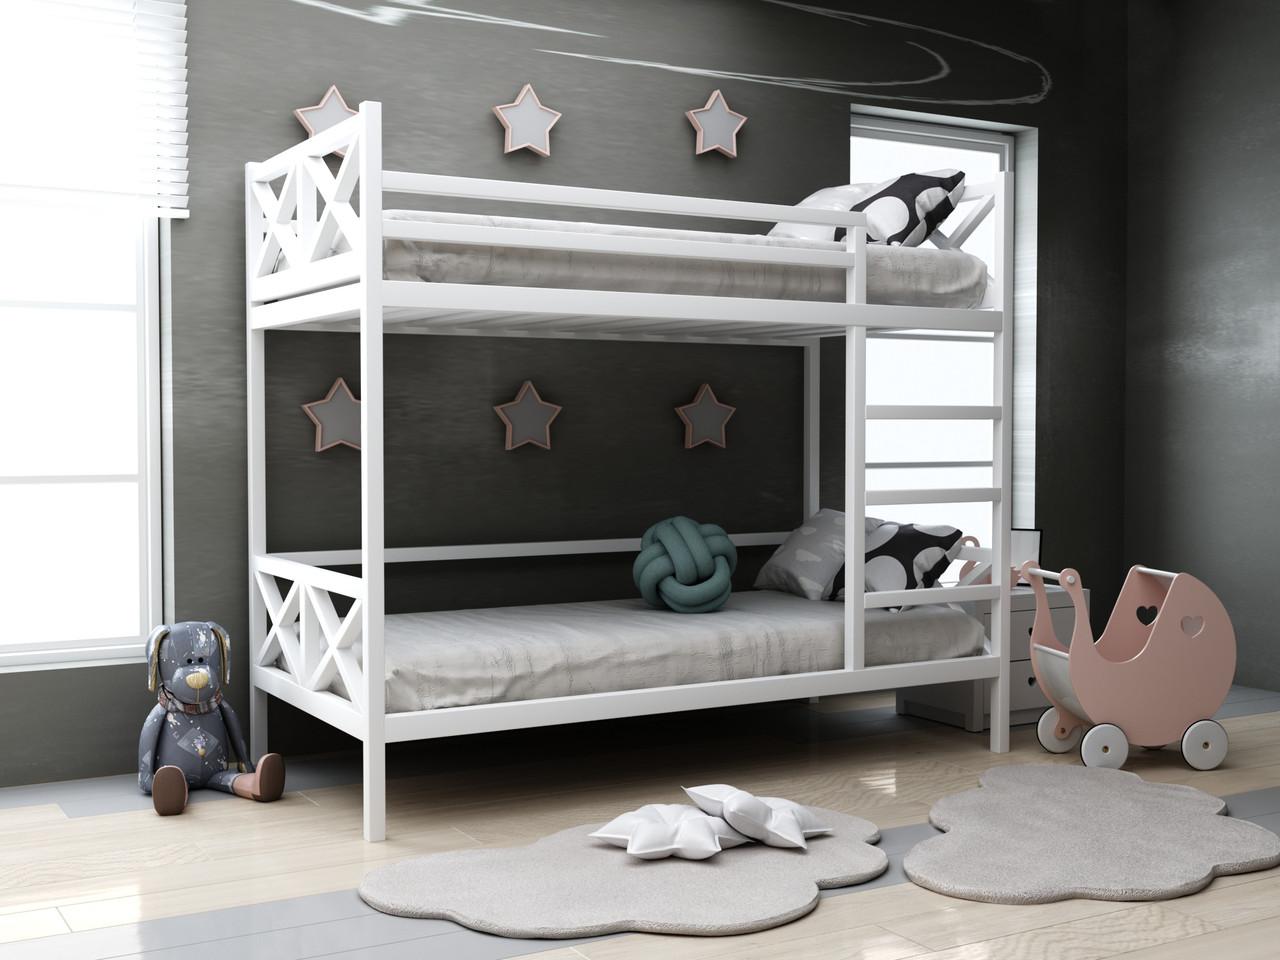 Дитяча дерев'яна двох'ярусна ліжко Ліана ТМ MegaOpt